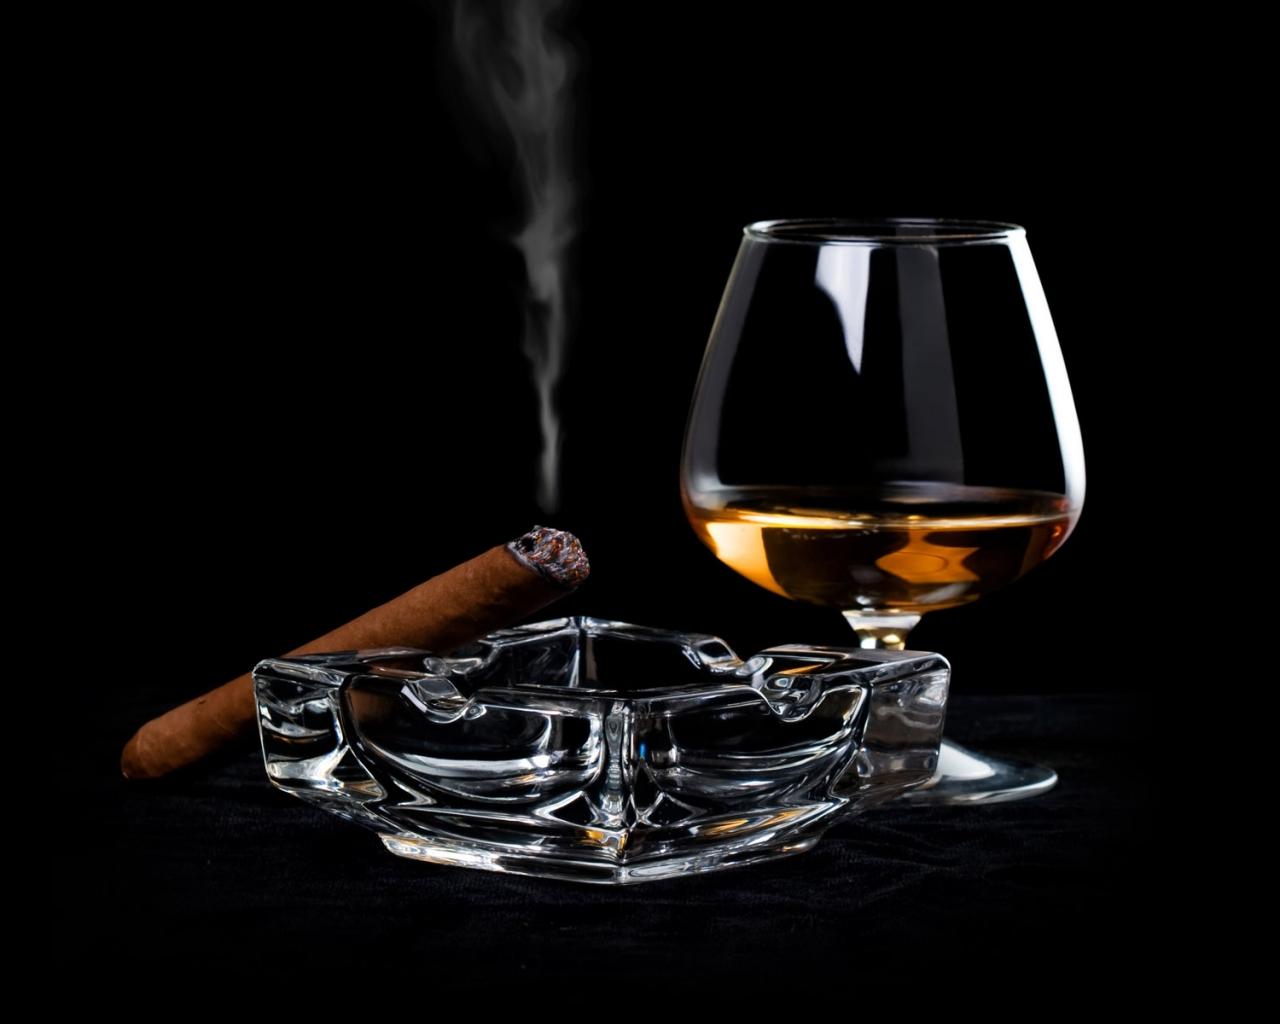 Una copa de whisky y tabaco hd 1280x1024 imagenes for Copas para whisky